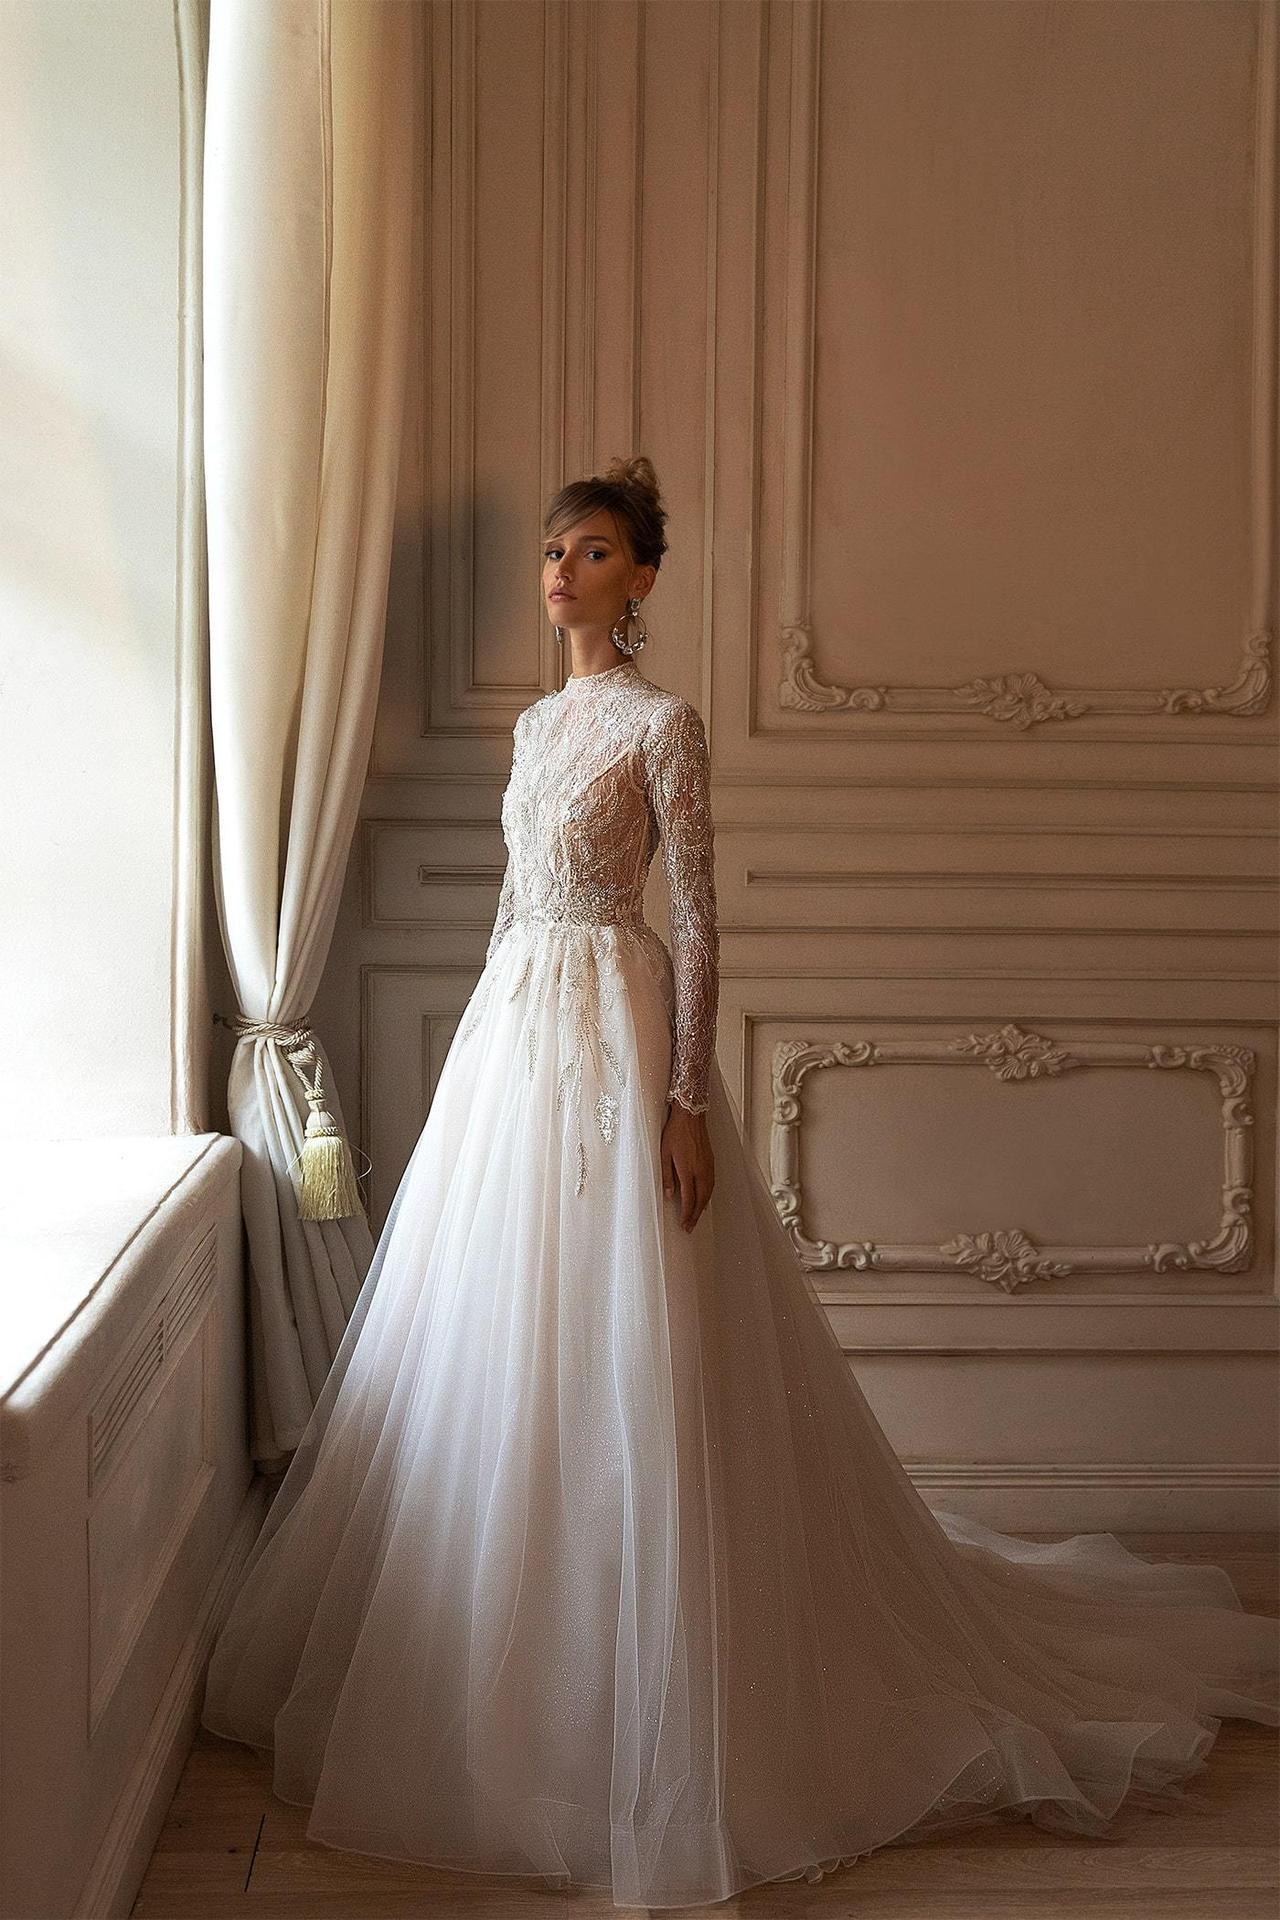 Ria Tener - Muse 2021 * Svadobné šaty z kolekcií na rok 2021 - Obrázok č. 3